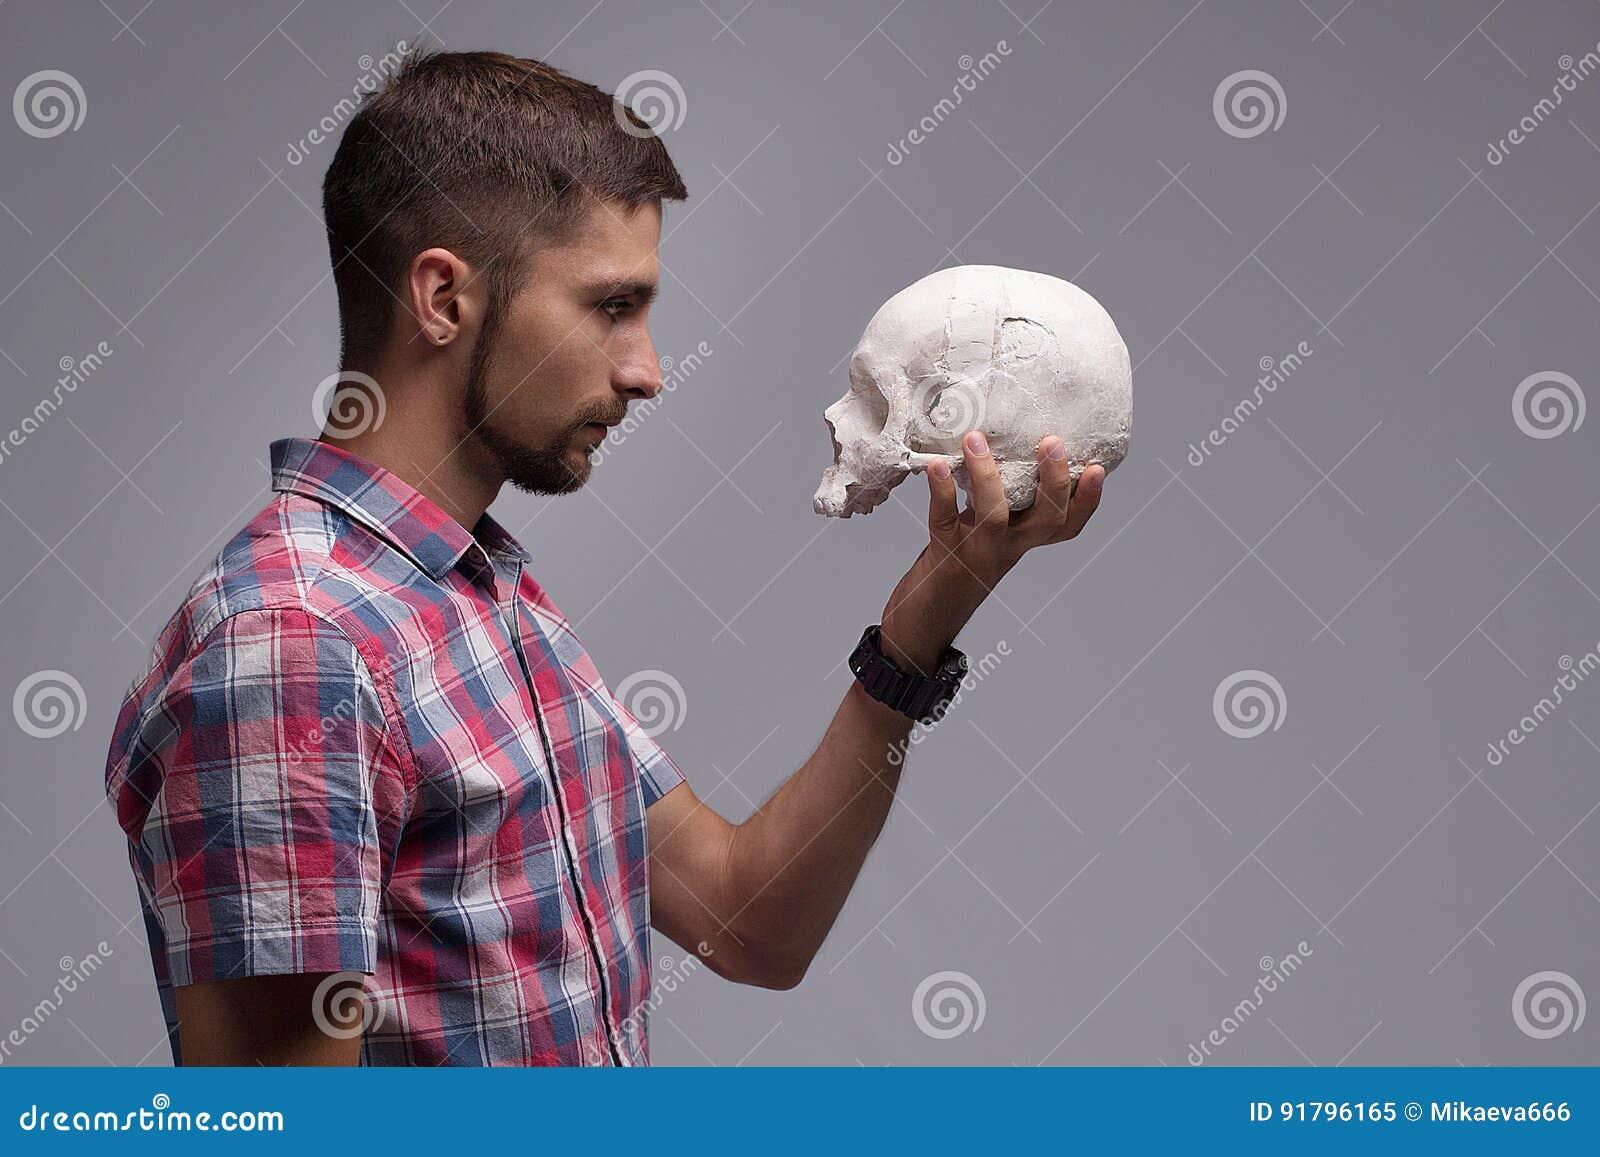 Retrato de un hombre en perfil con un cráneo en su mano